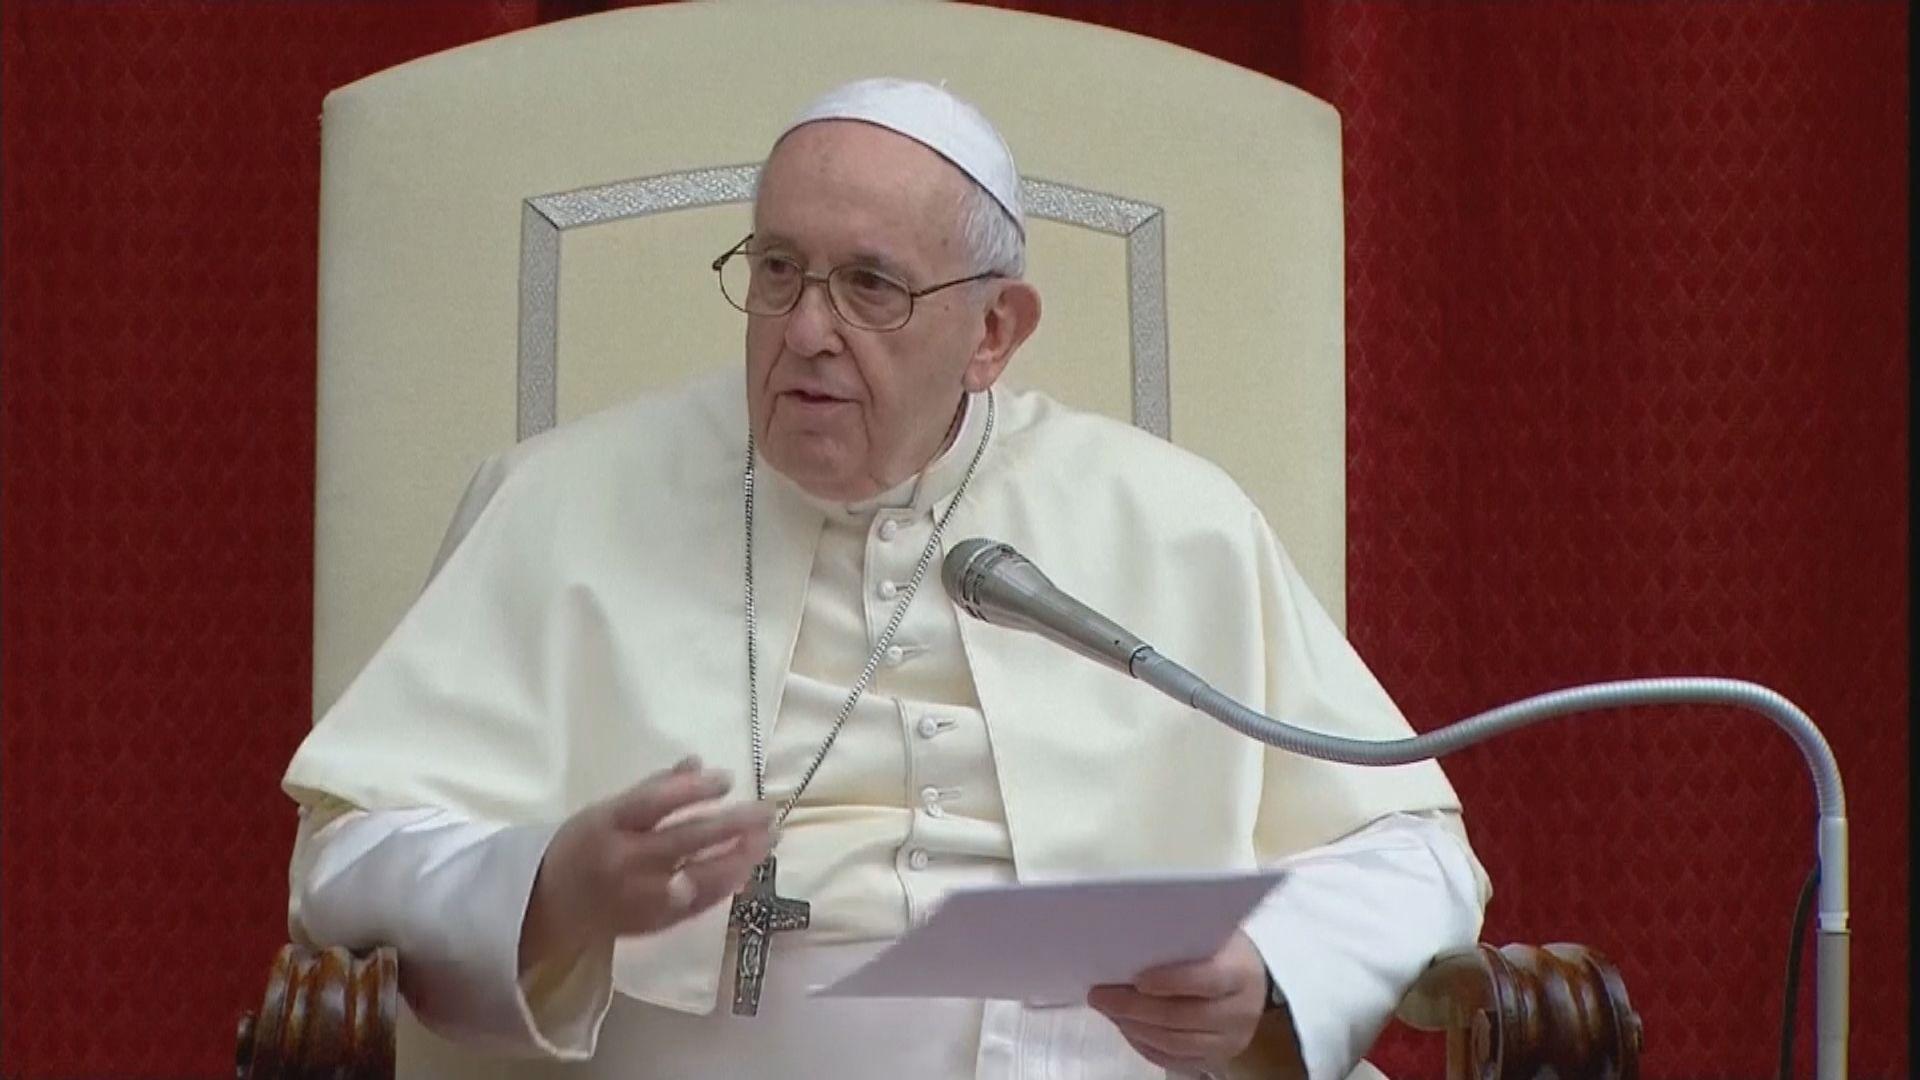 教宗首提及維吾爾族人是被迫害群體 中方批毫無根據